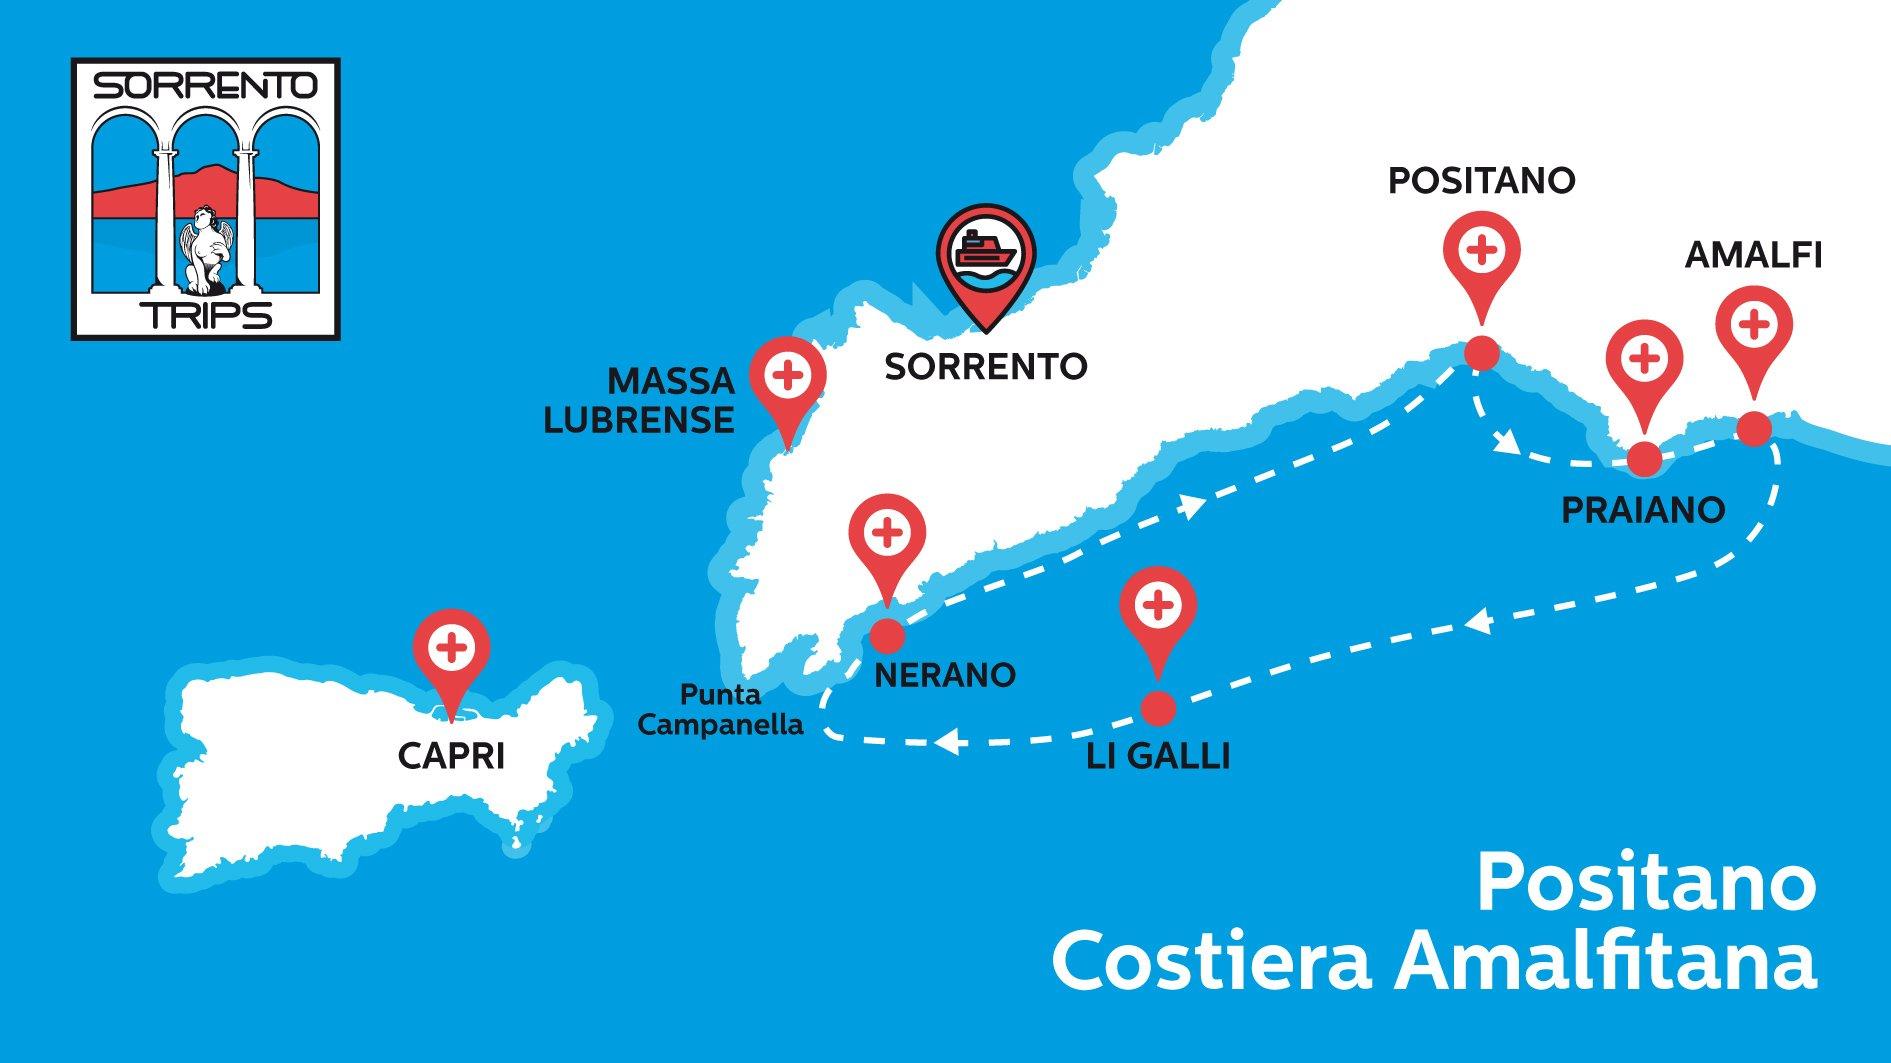 Positano Amalfi Mappa del Tour